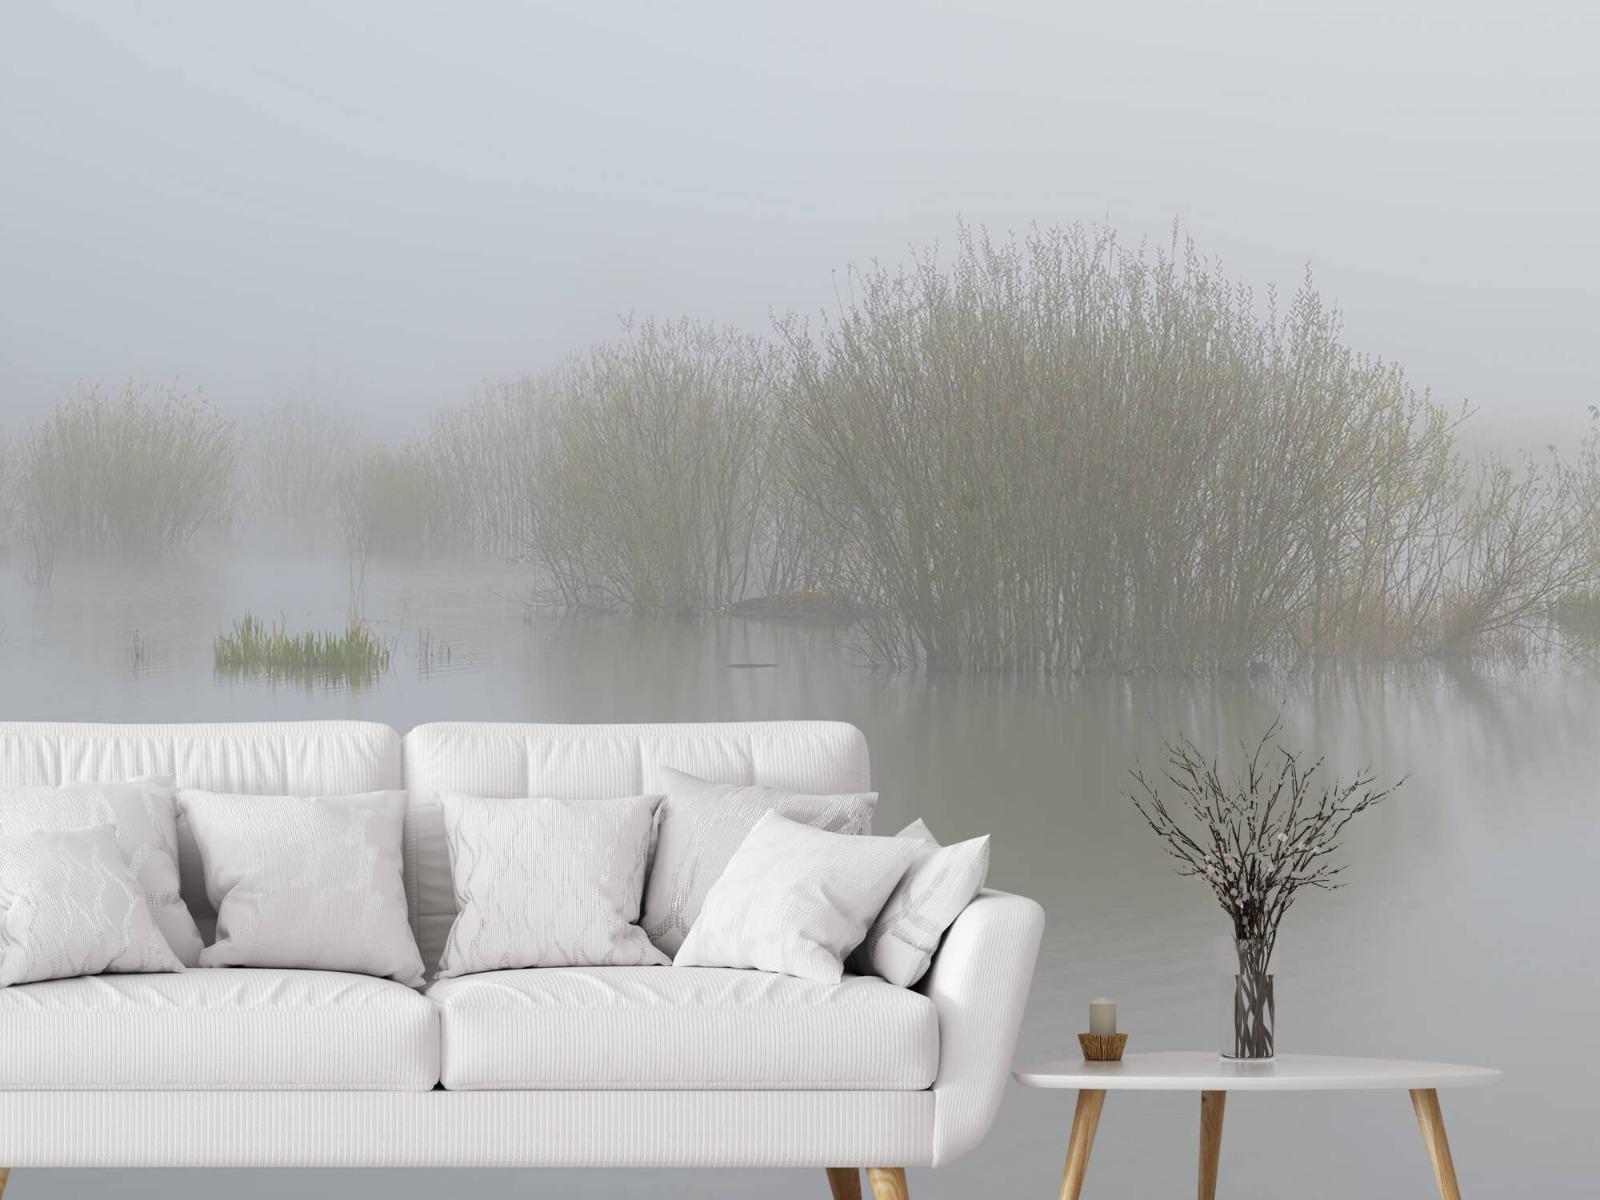 Landschap - Mist in natuurgebied - Slaapkamer 3